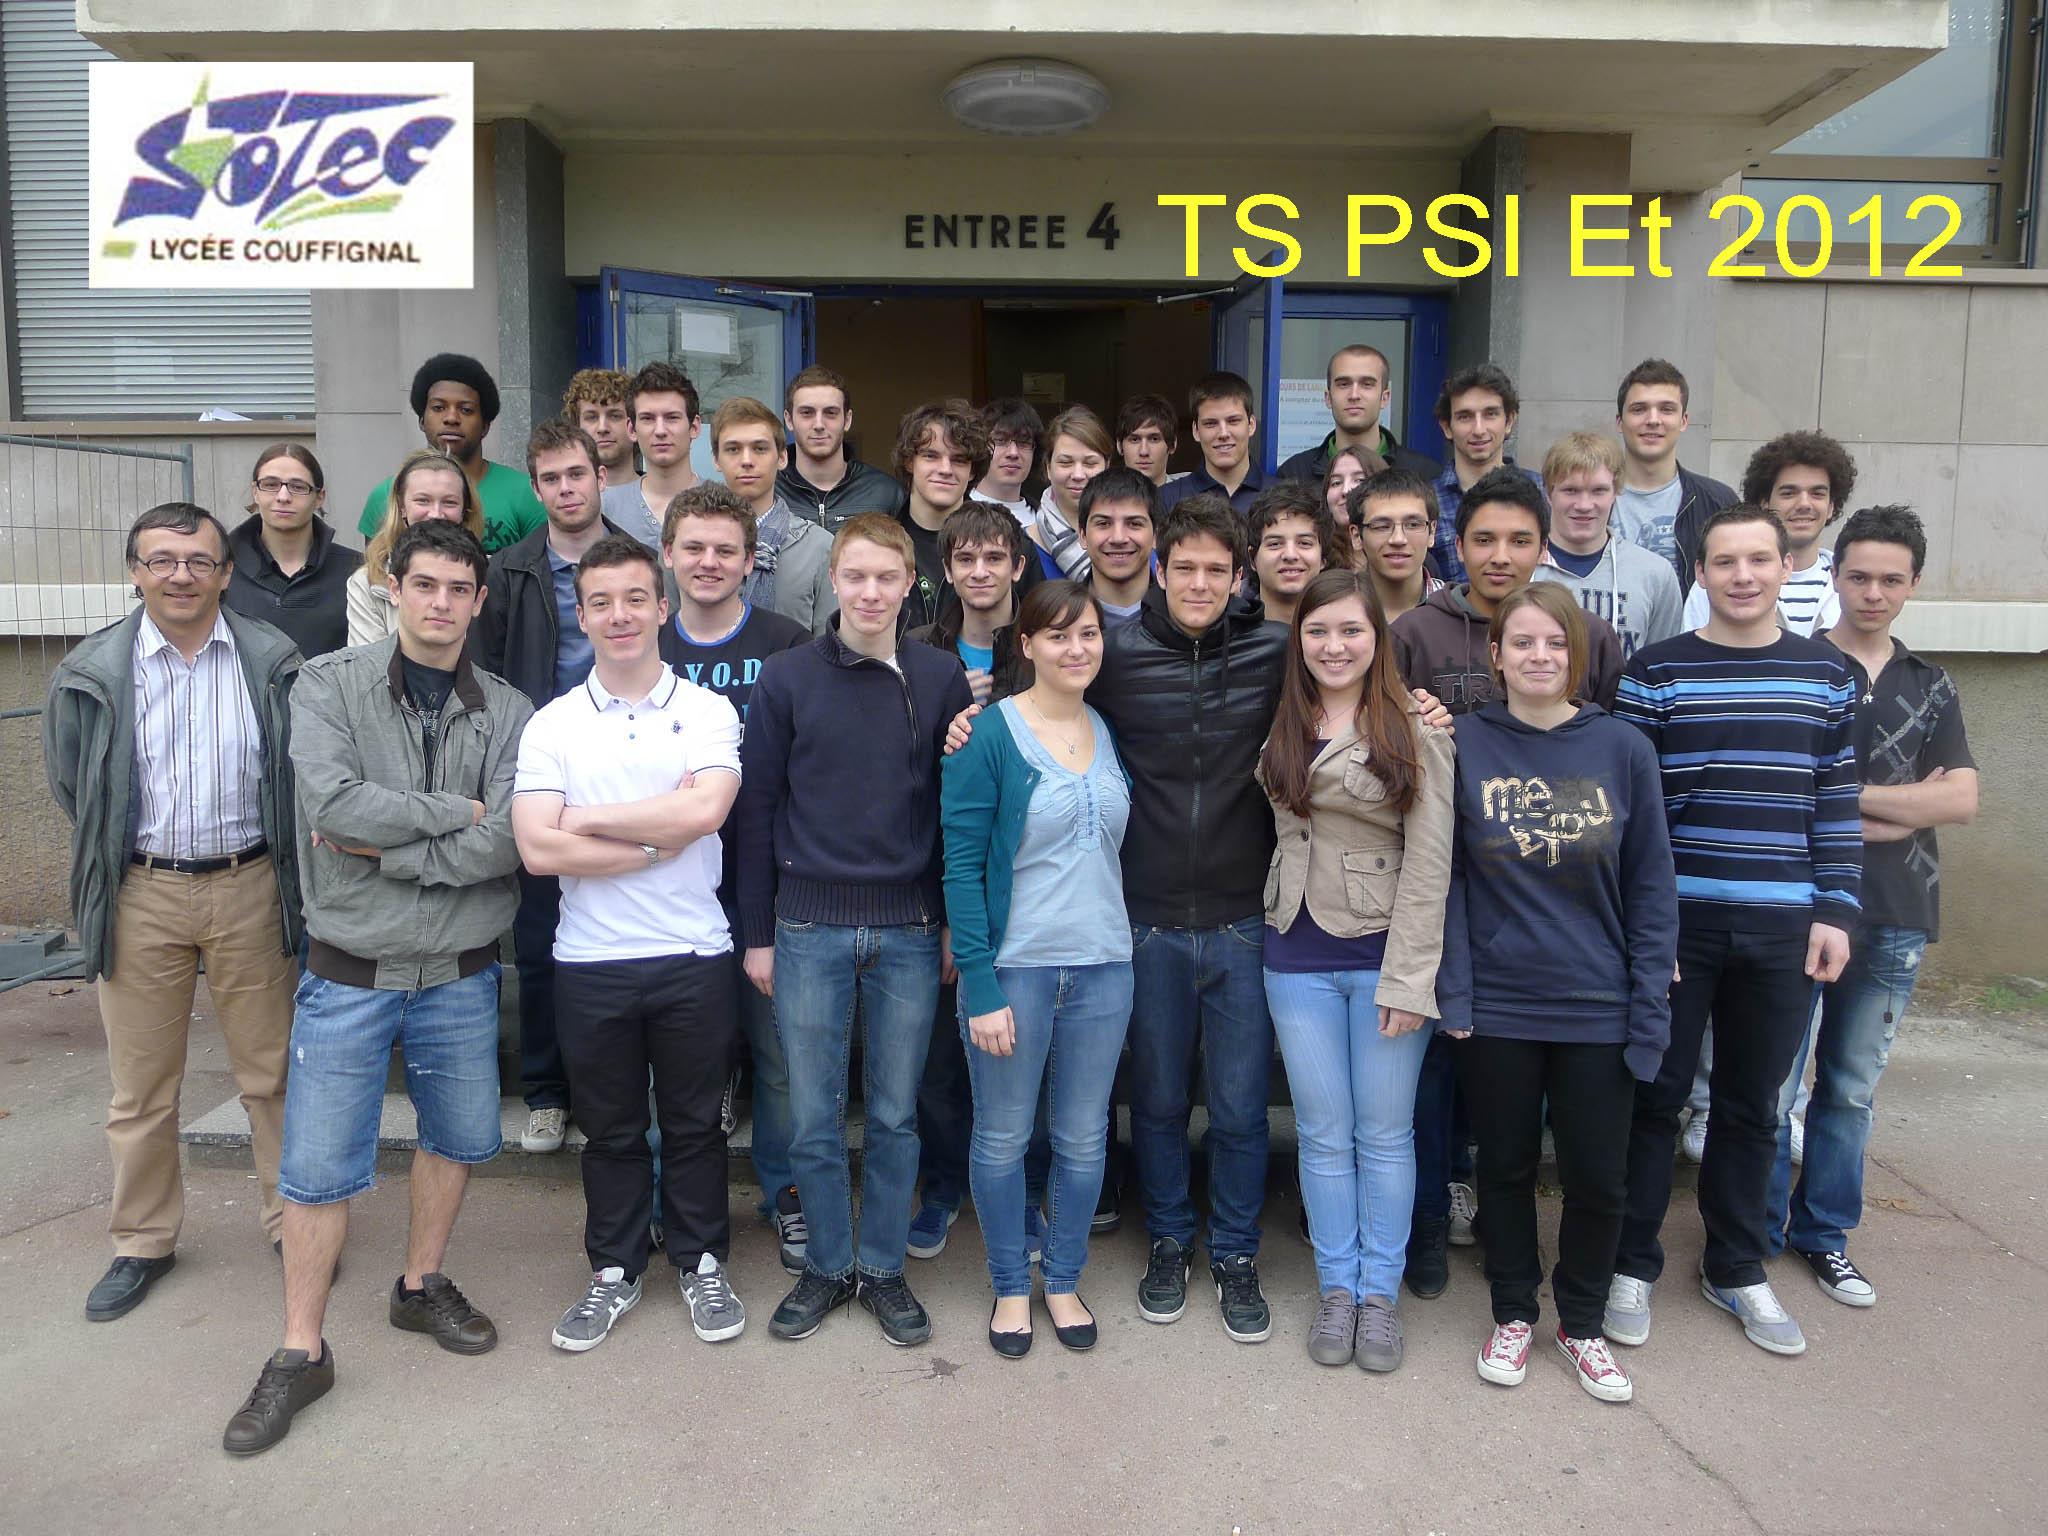 PSI_Et.jpg